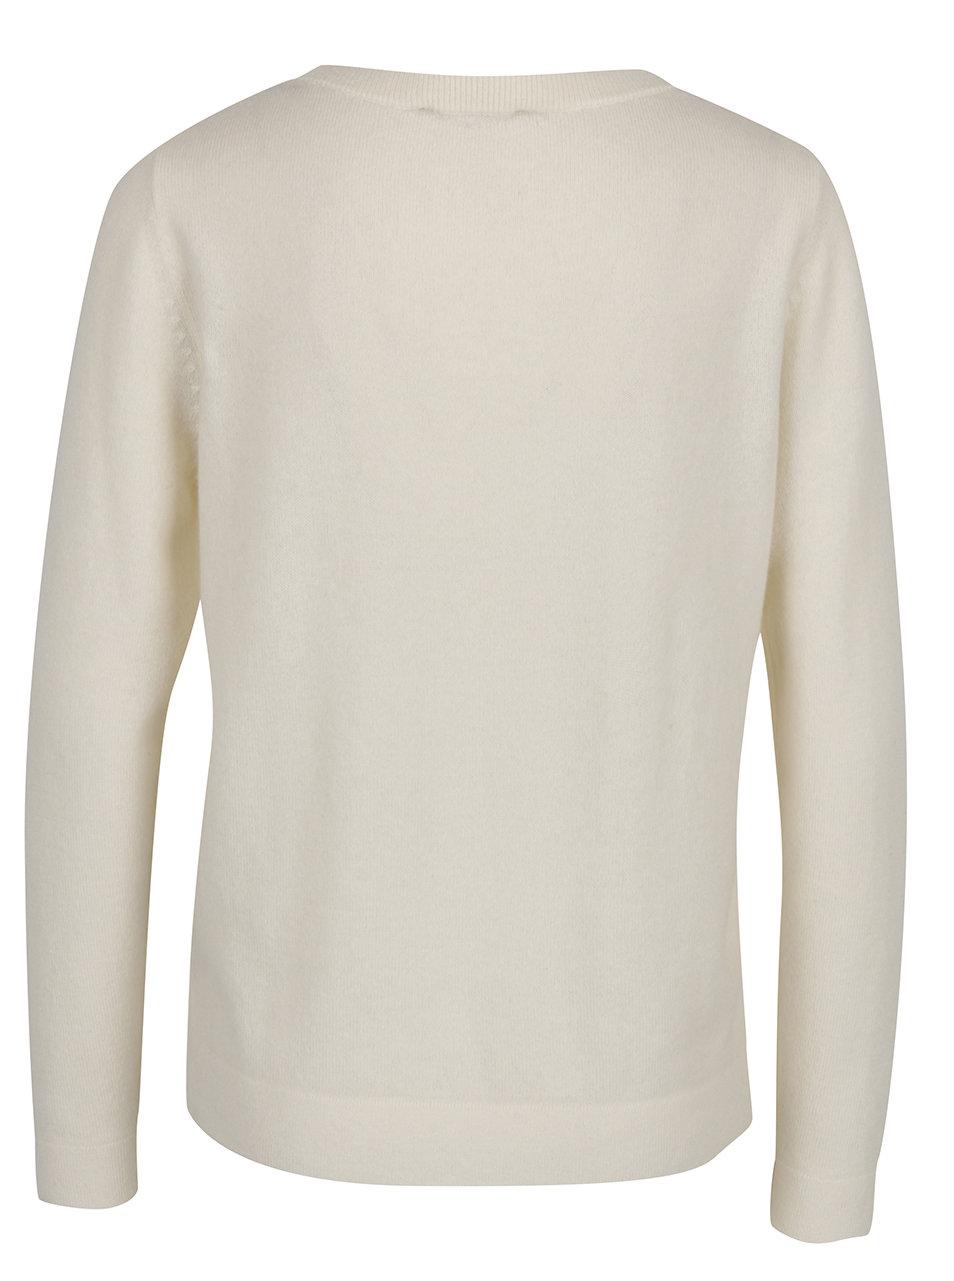 7e0d028c898 Krémový kašmírový svetr Selected Femme Aya ...